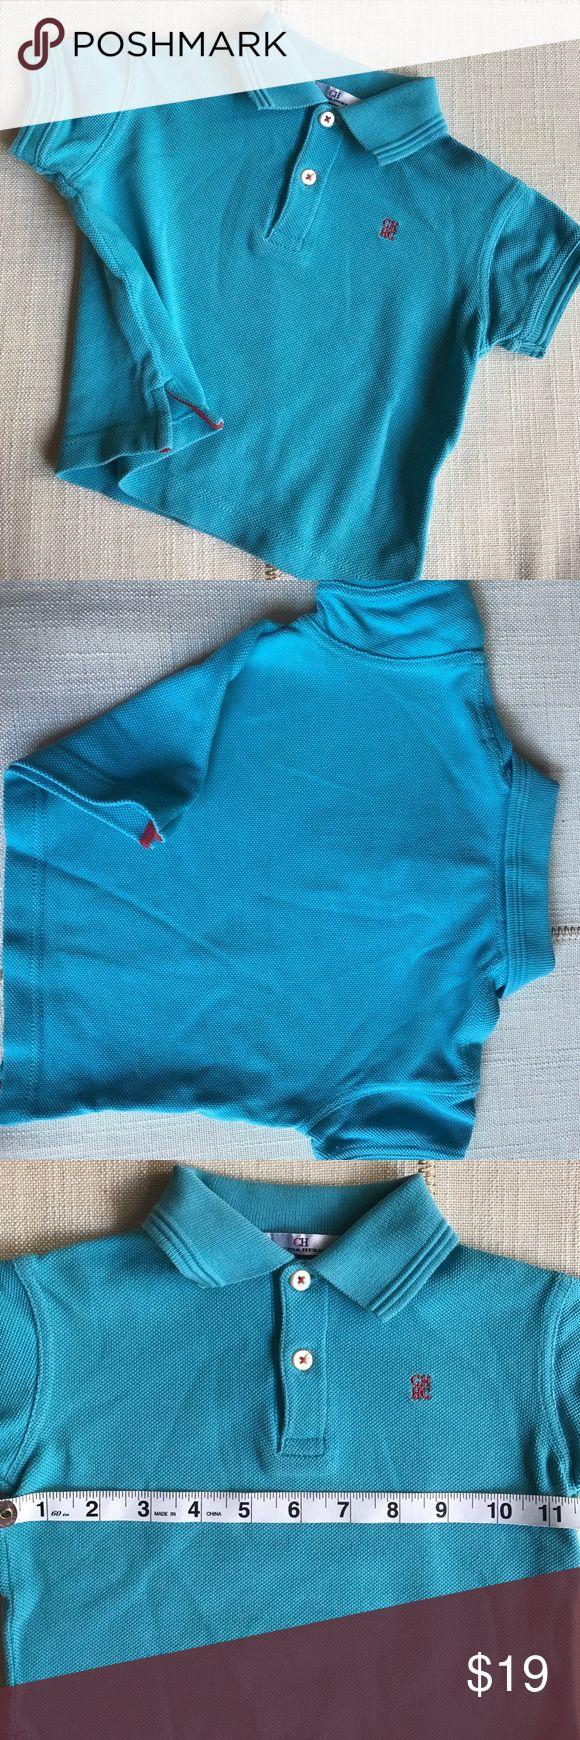 Carolina Herrera CH baby polo shirt Carolina Herera CH baby polo shirt, 100%cotton Carolina Herrera Shirts & Tops Polos